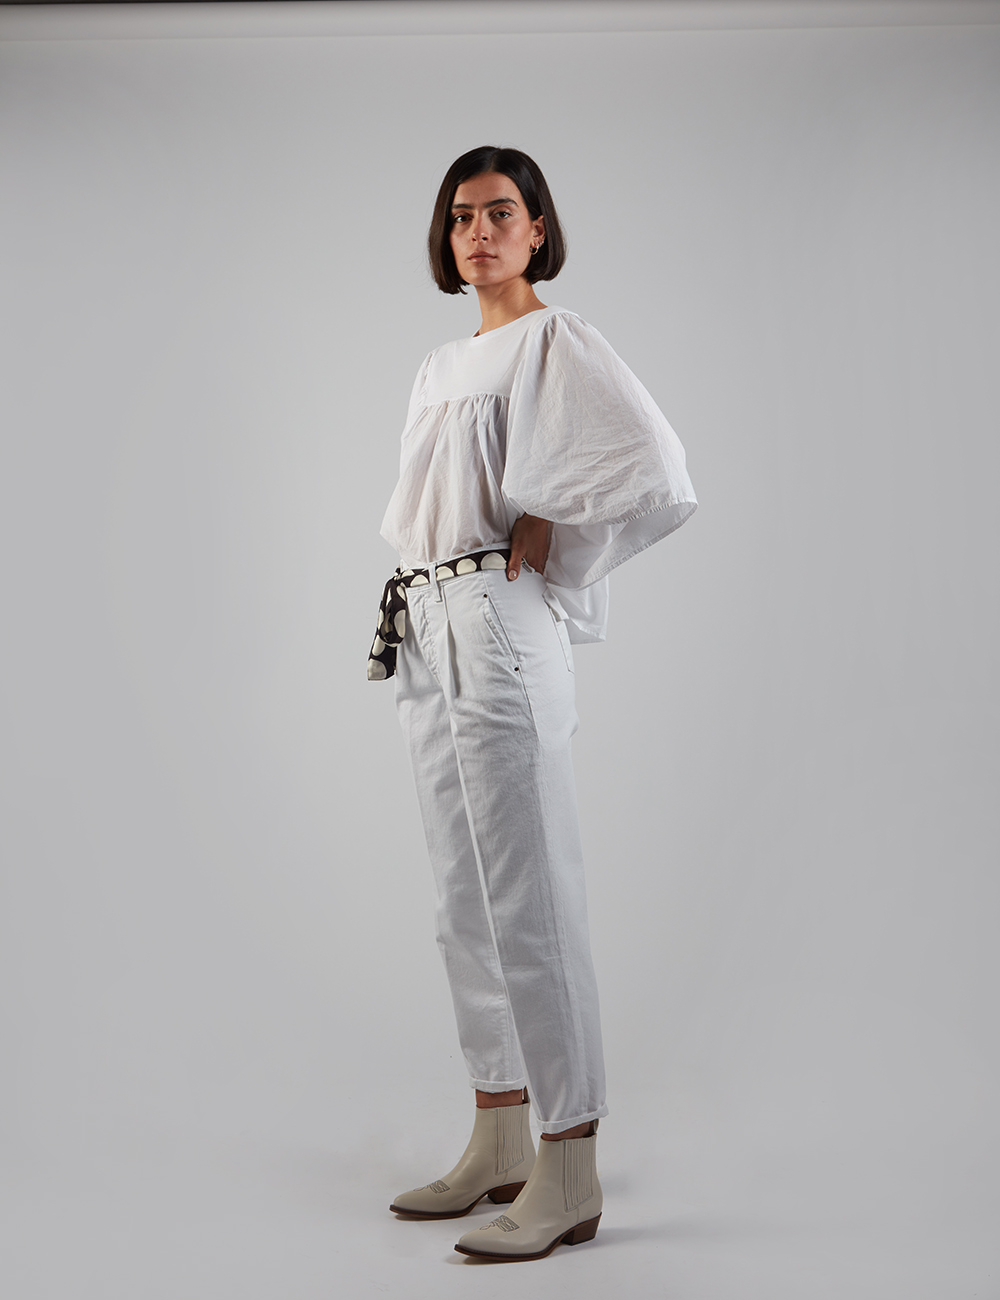 e-commerce-producto-Cristina Jimenez Rey-Fotografo-moda